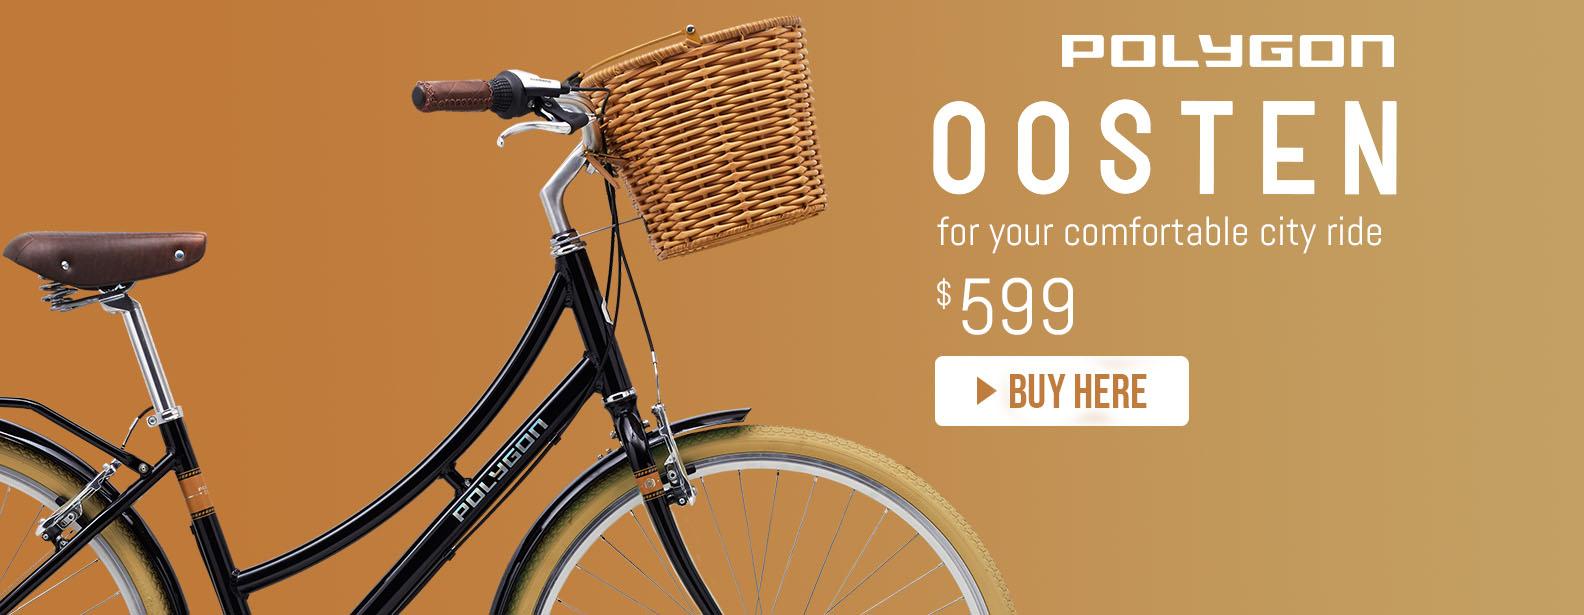 Polygon Oosten 26 Bike